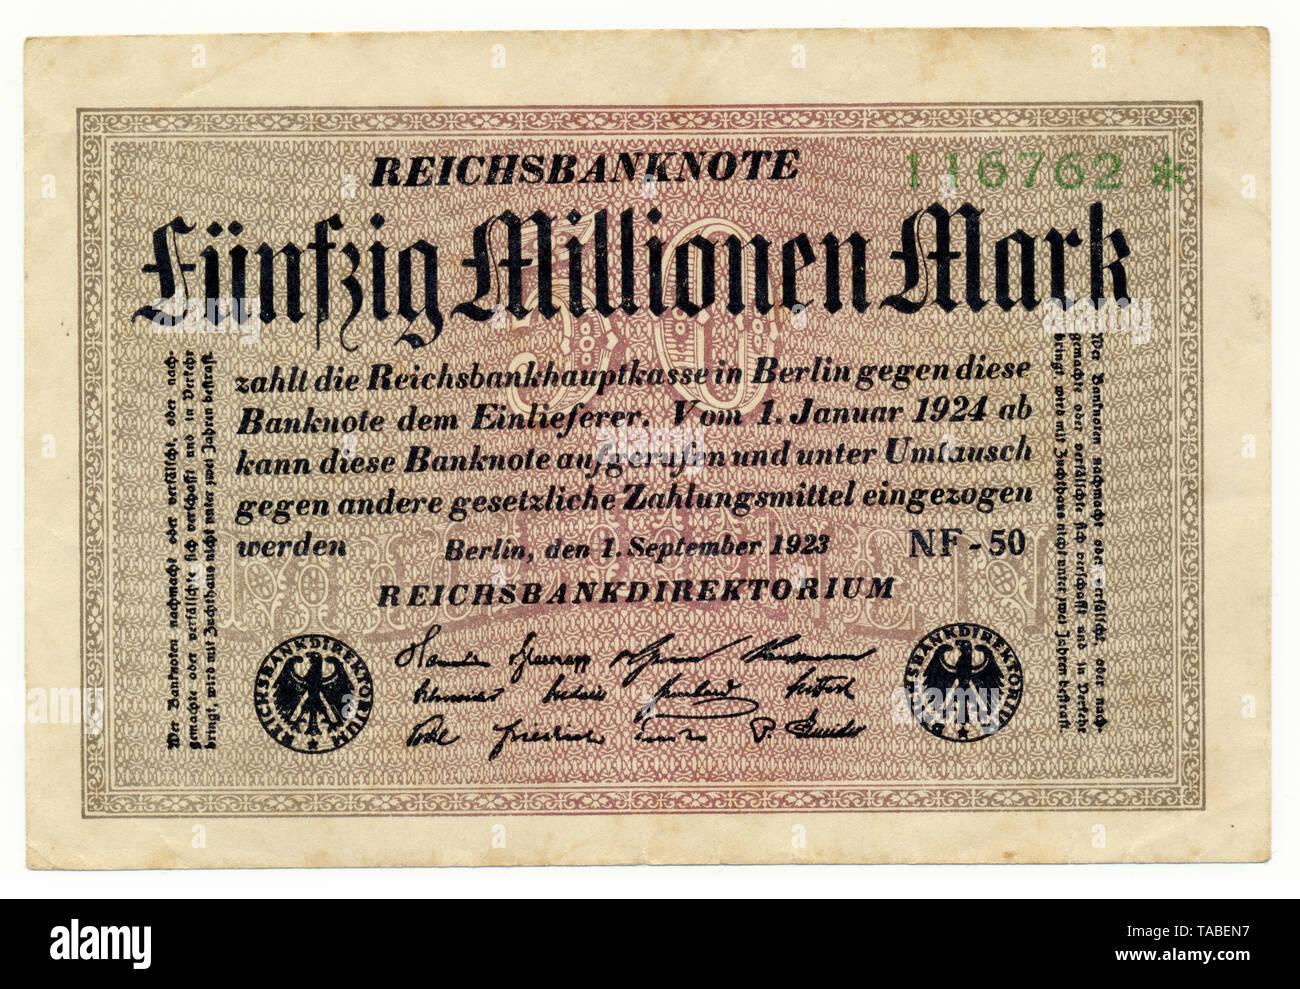 Vorderseite der Reichsbank Banknote, Vorderseite einer Banknote, Reichsbanknote, 50 Millionen Mark, 1922, Inflationsgeld, Deutschland, Europa Stockbild